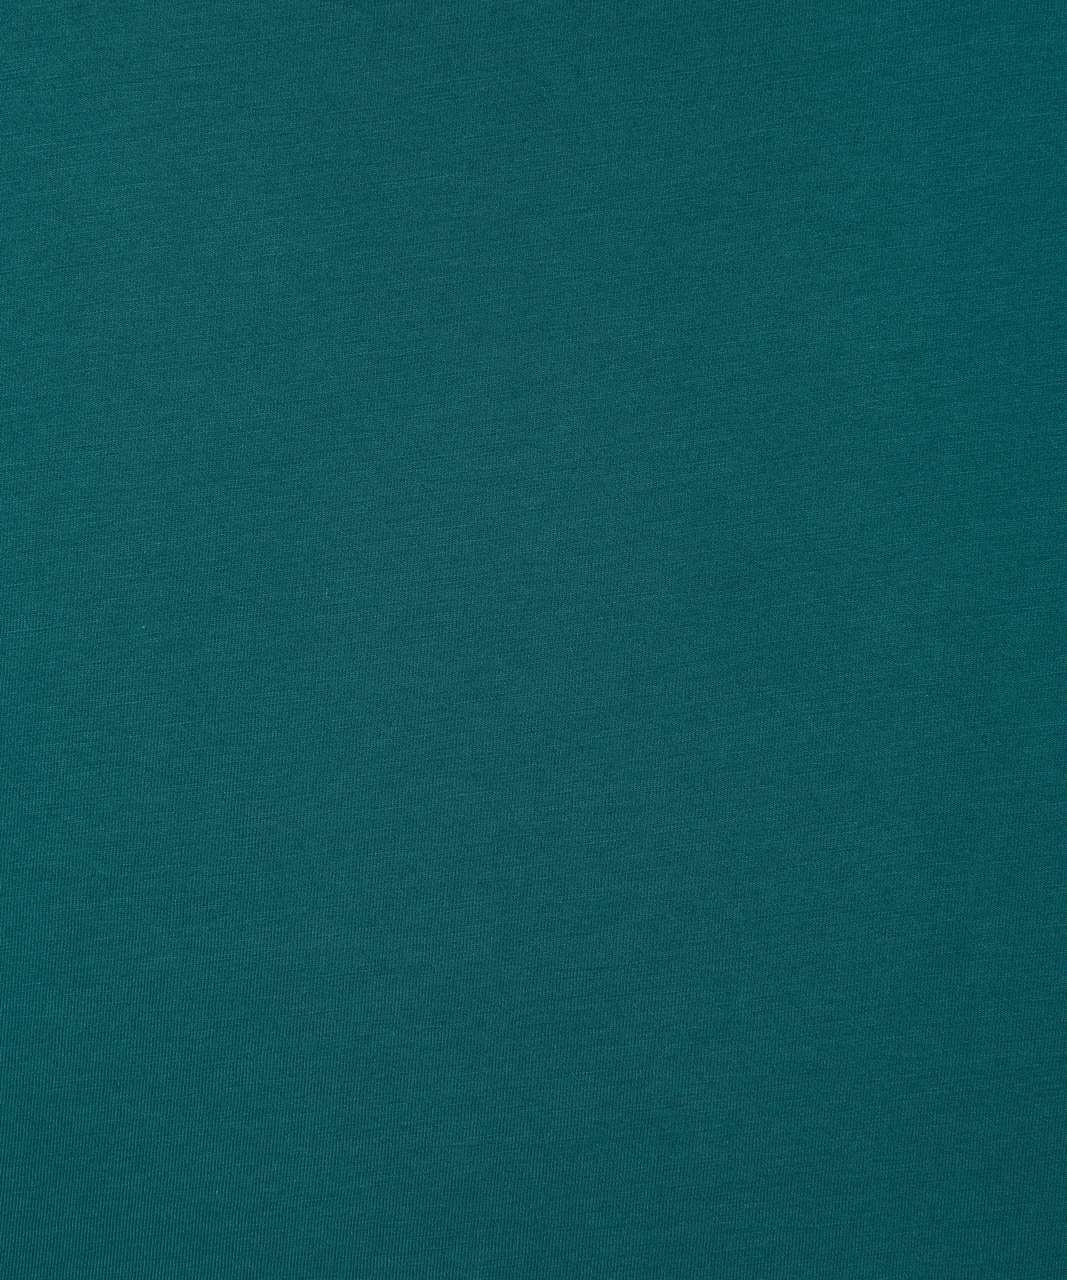 Lululemon Love Tank *Pleated - Emerald